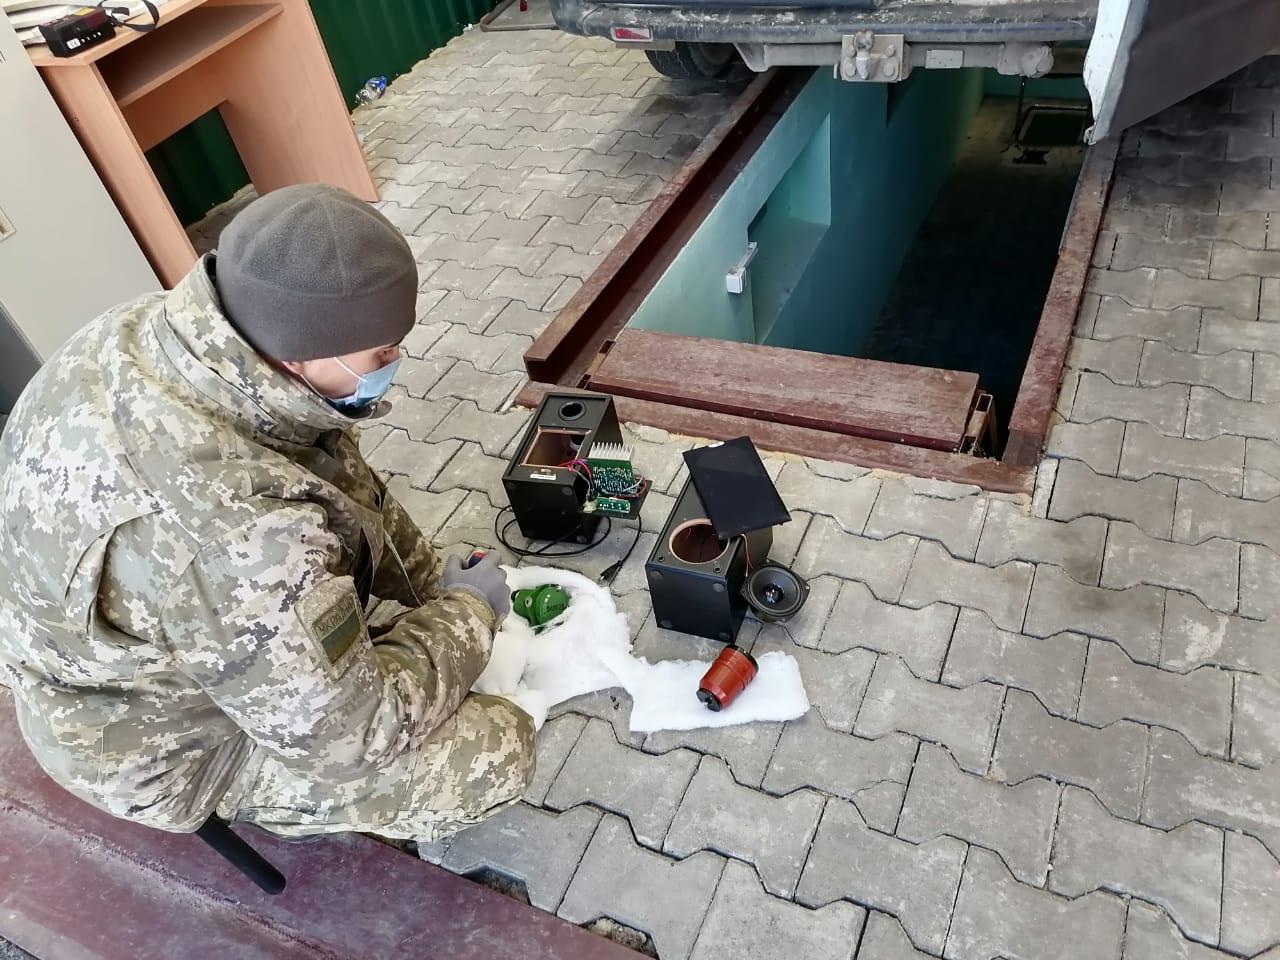 Украинские контрабандисты пытались ввести в Крым оборудование для связи и навигации